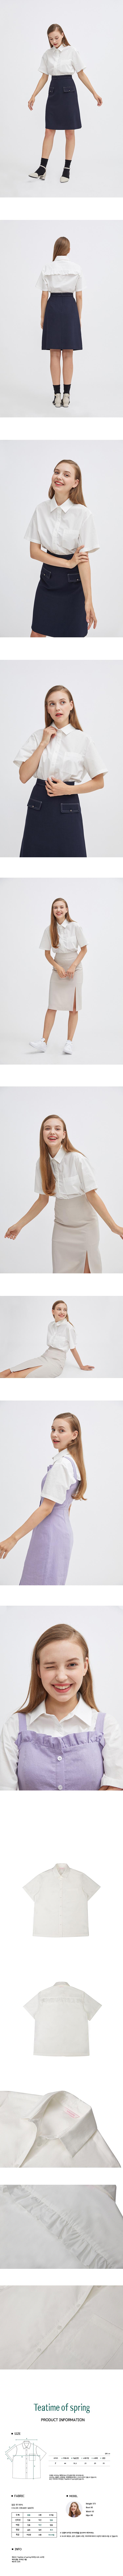 티타임 오브 스프링(TEATIME OF SPRING) 크리미-화이트 프릴 셔츠